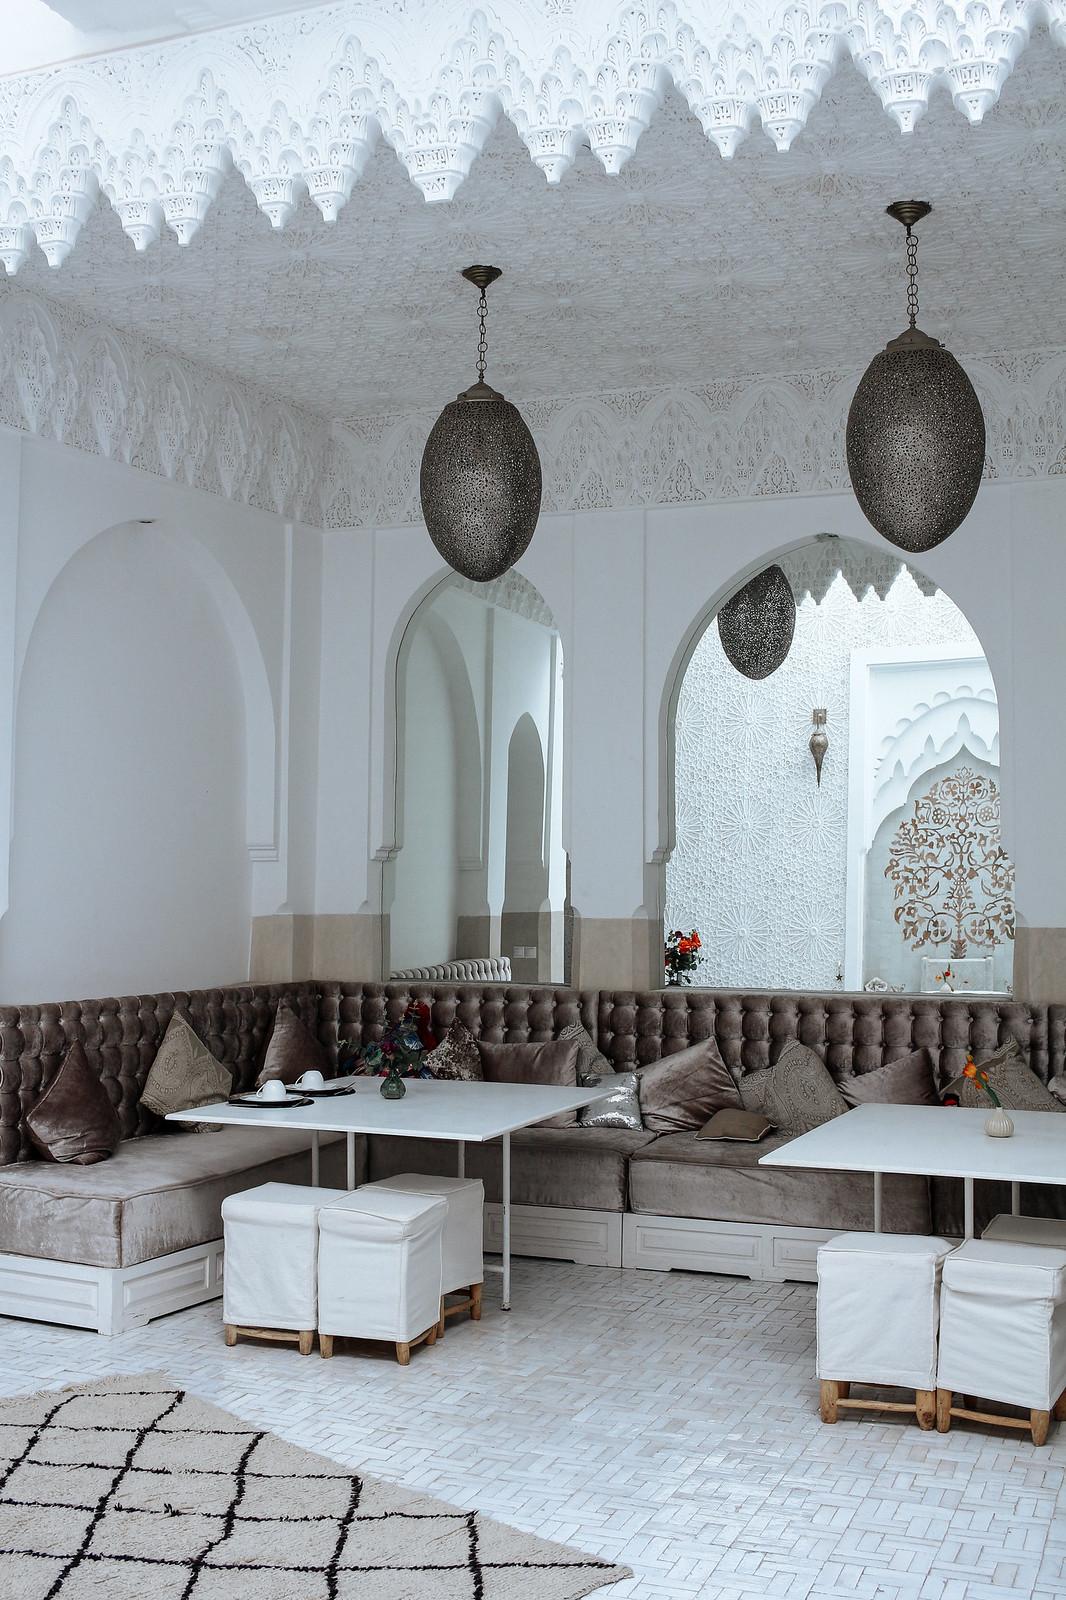 Marrakech - kisses,vera-32